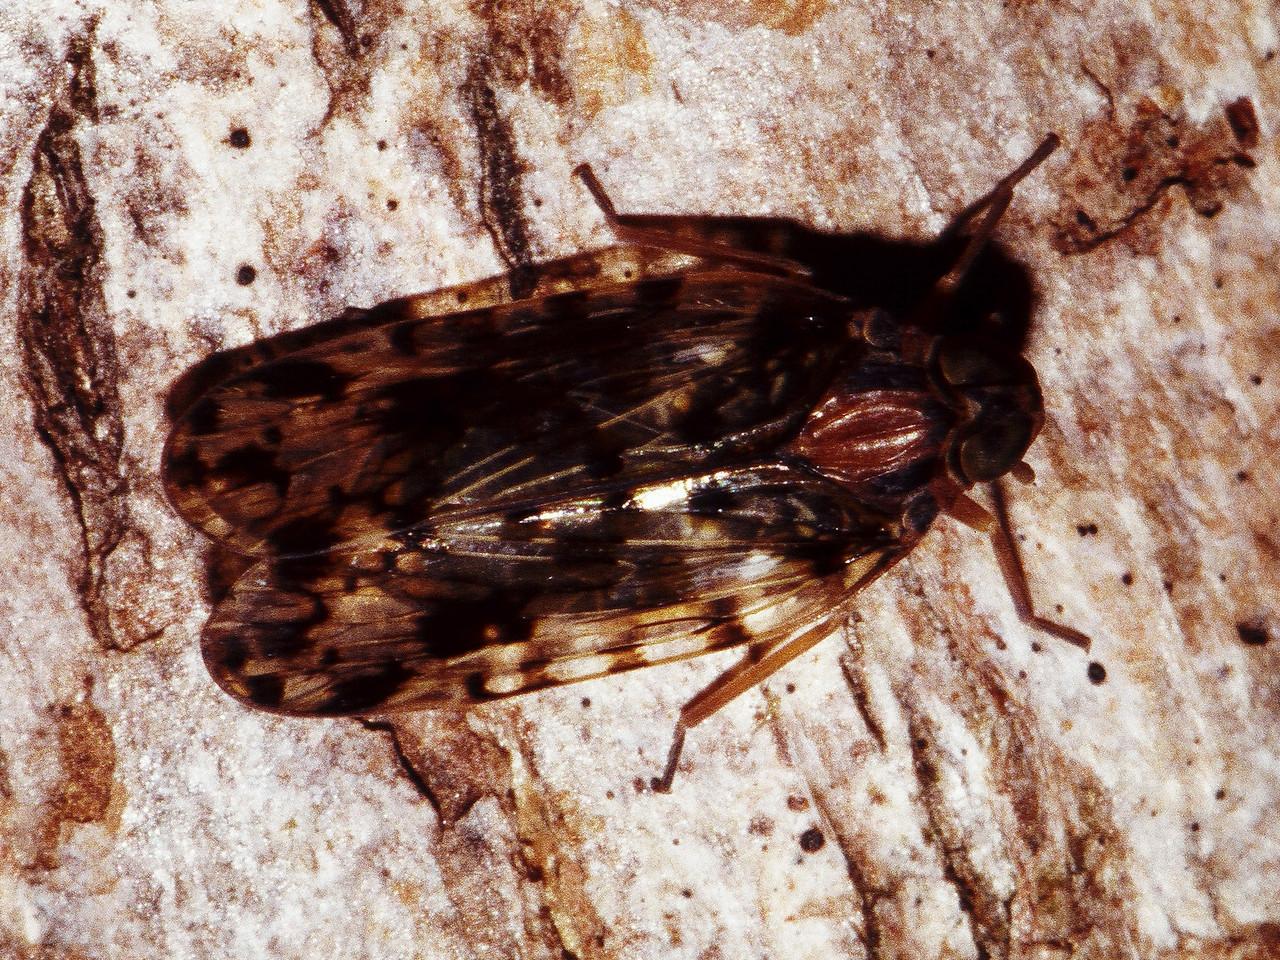 Iolania sp. (Cixiidae), West Maui